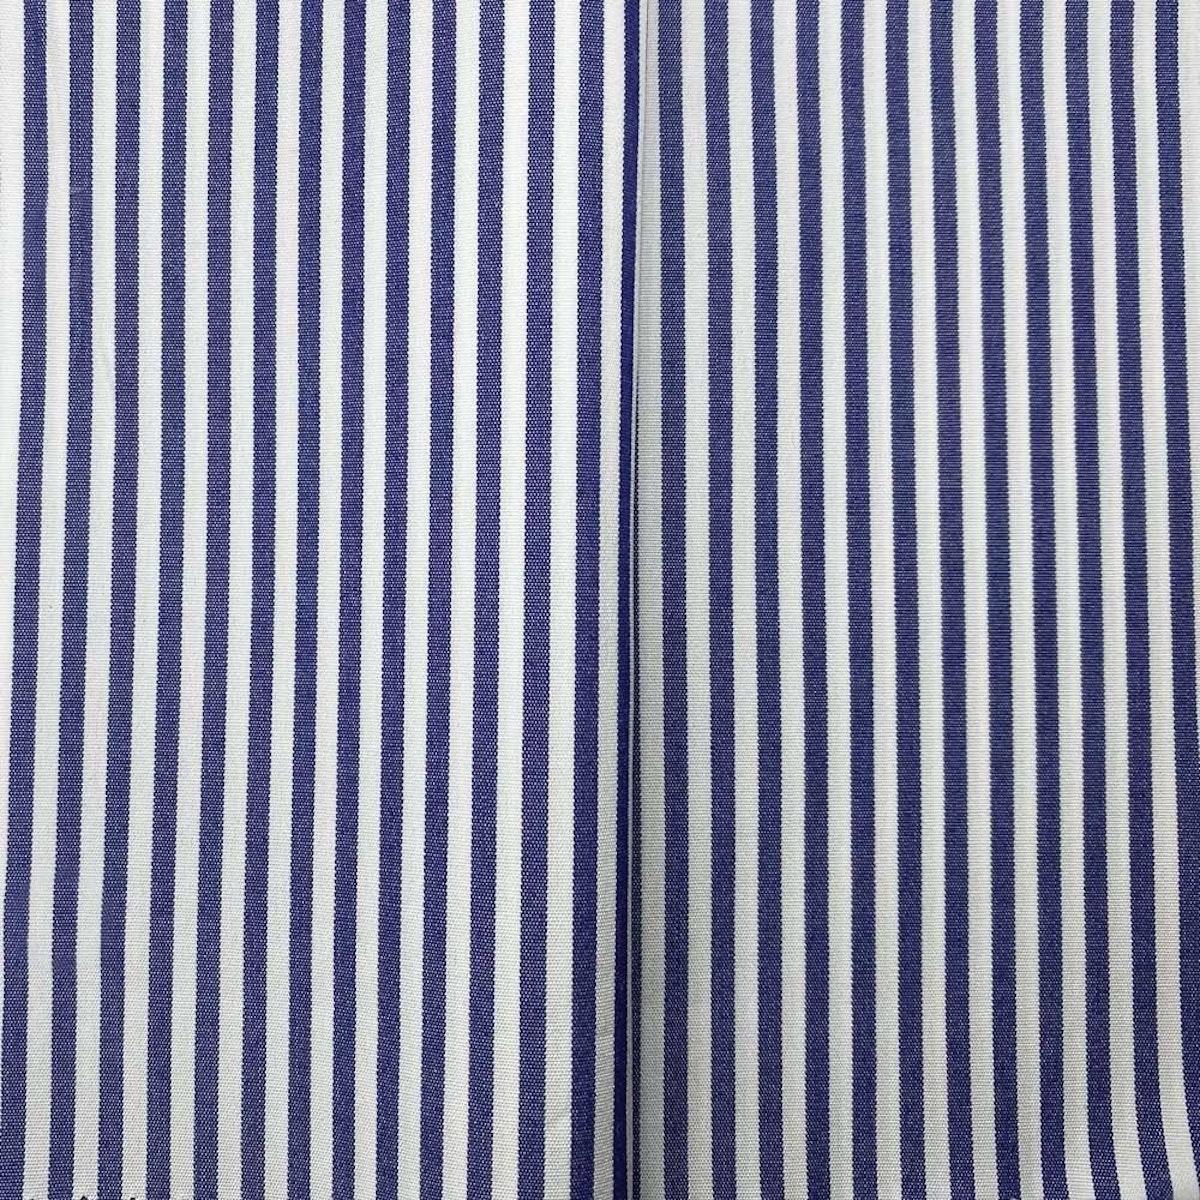 InStitchu Shirt Fabric 107